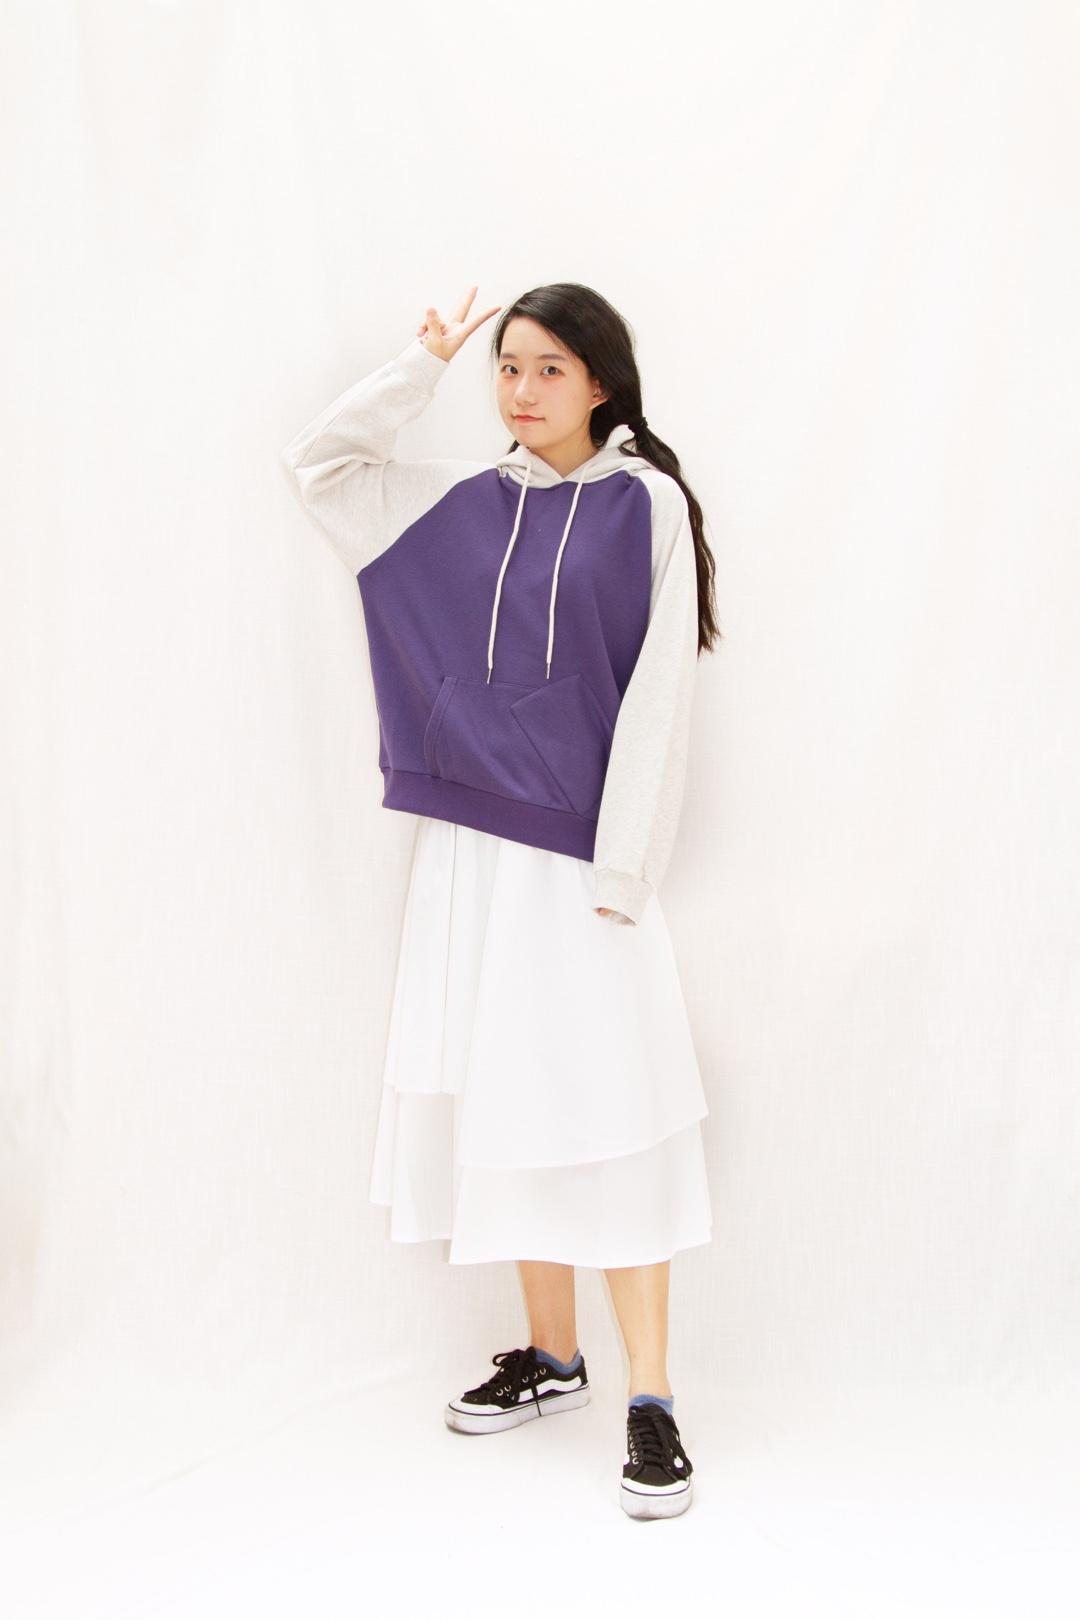 蓝莓紫太可爱啦! #全民搭配挑战赛#